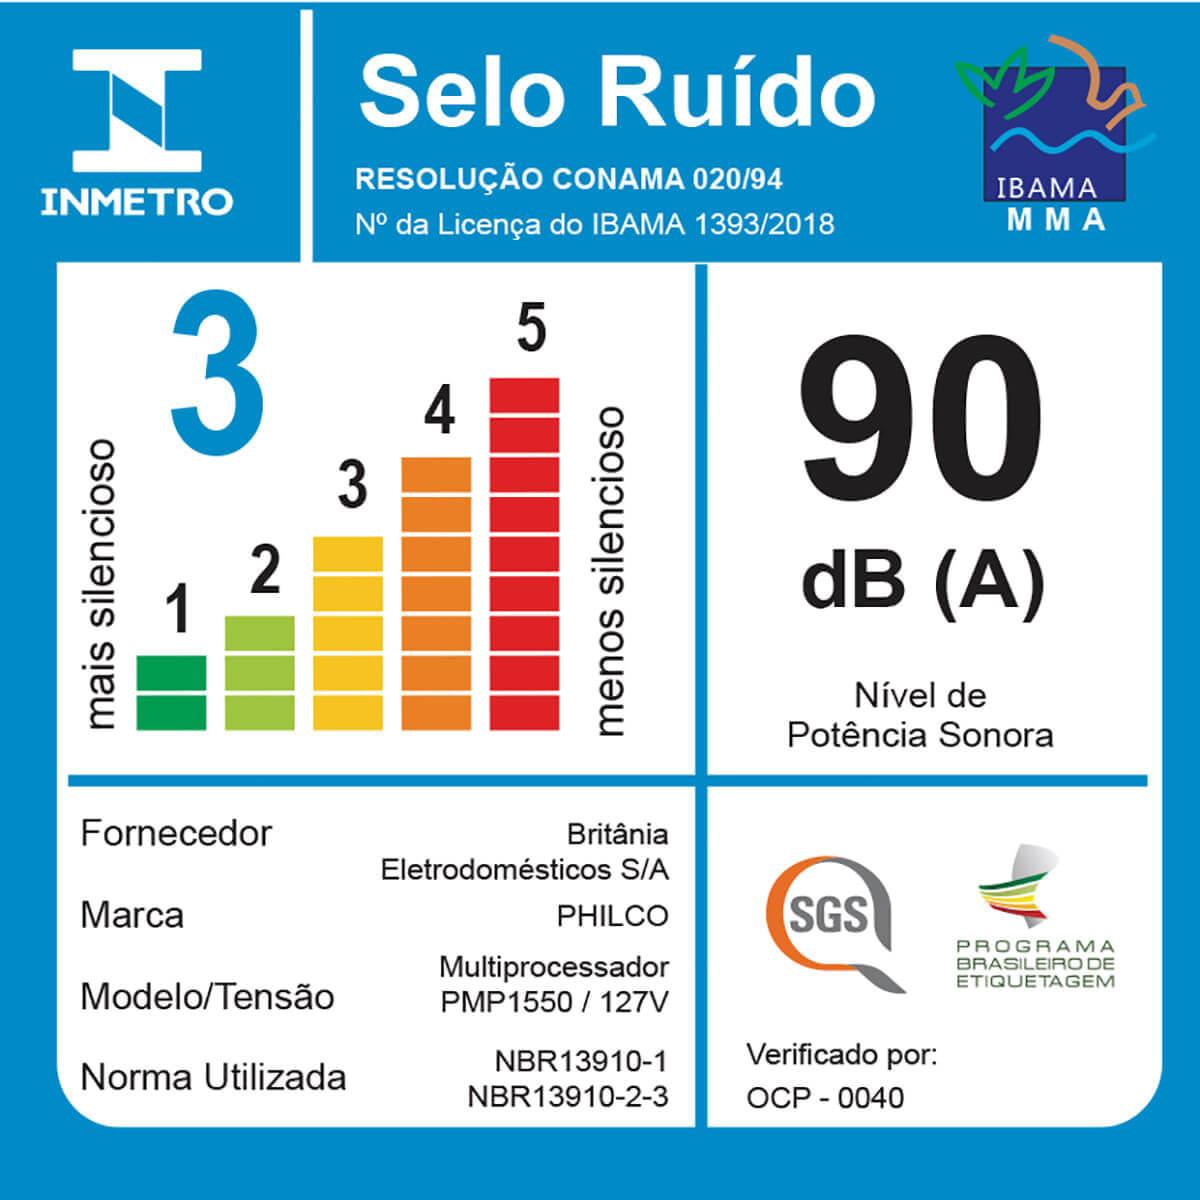 MULTIPROCESSADOR PHILCO PMP1550P PRO TURBO 6 EM 1 - PRETO - 127V